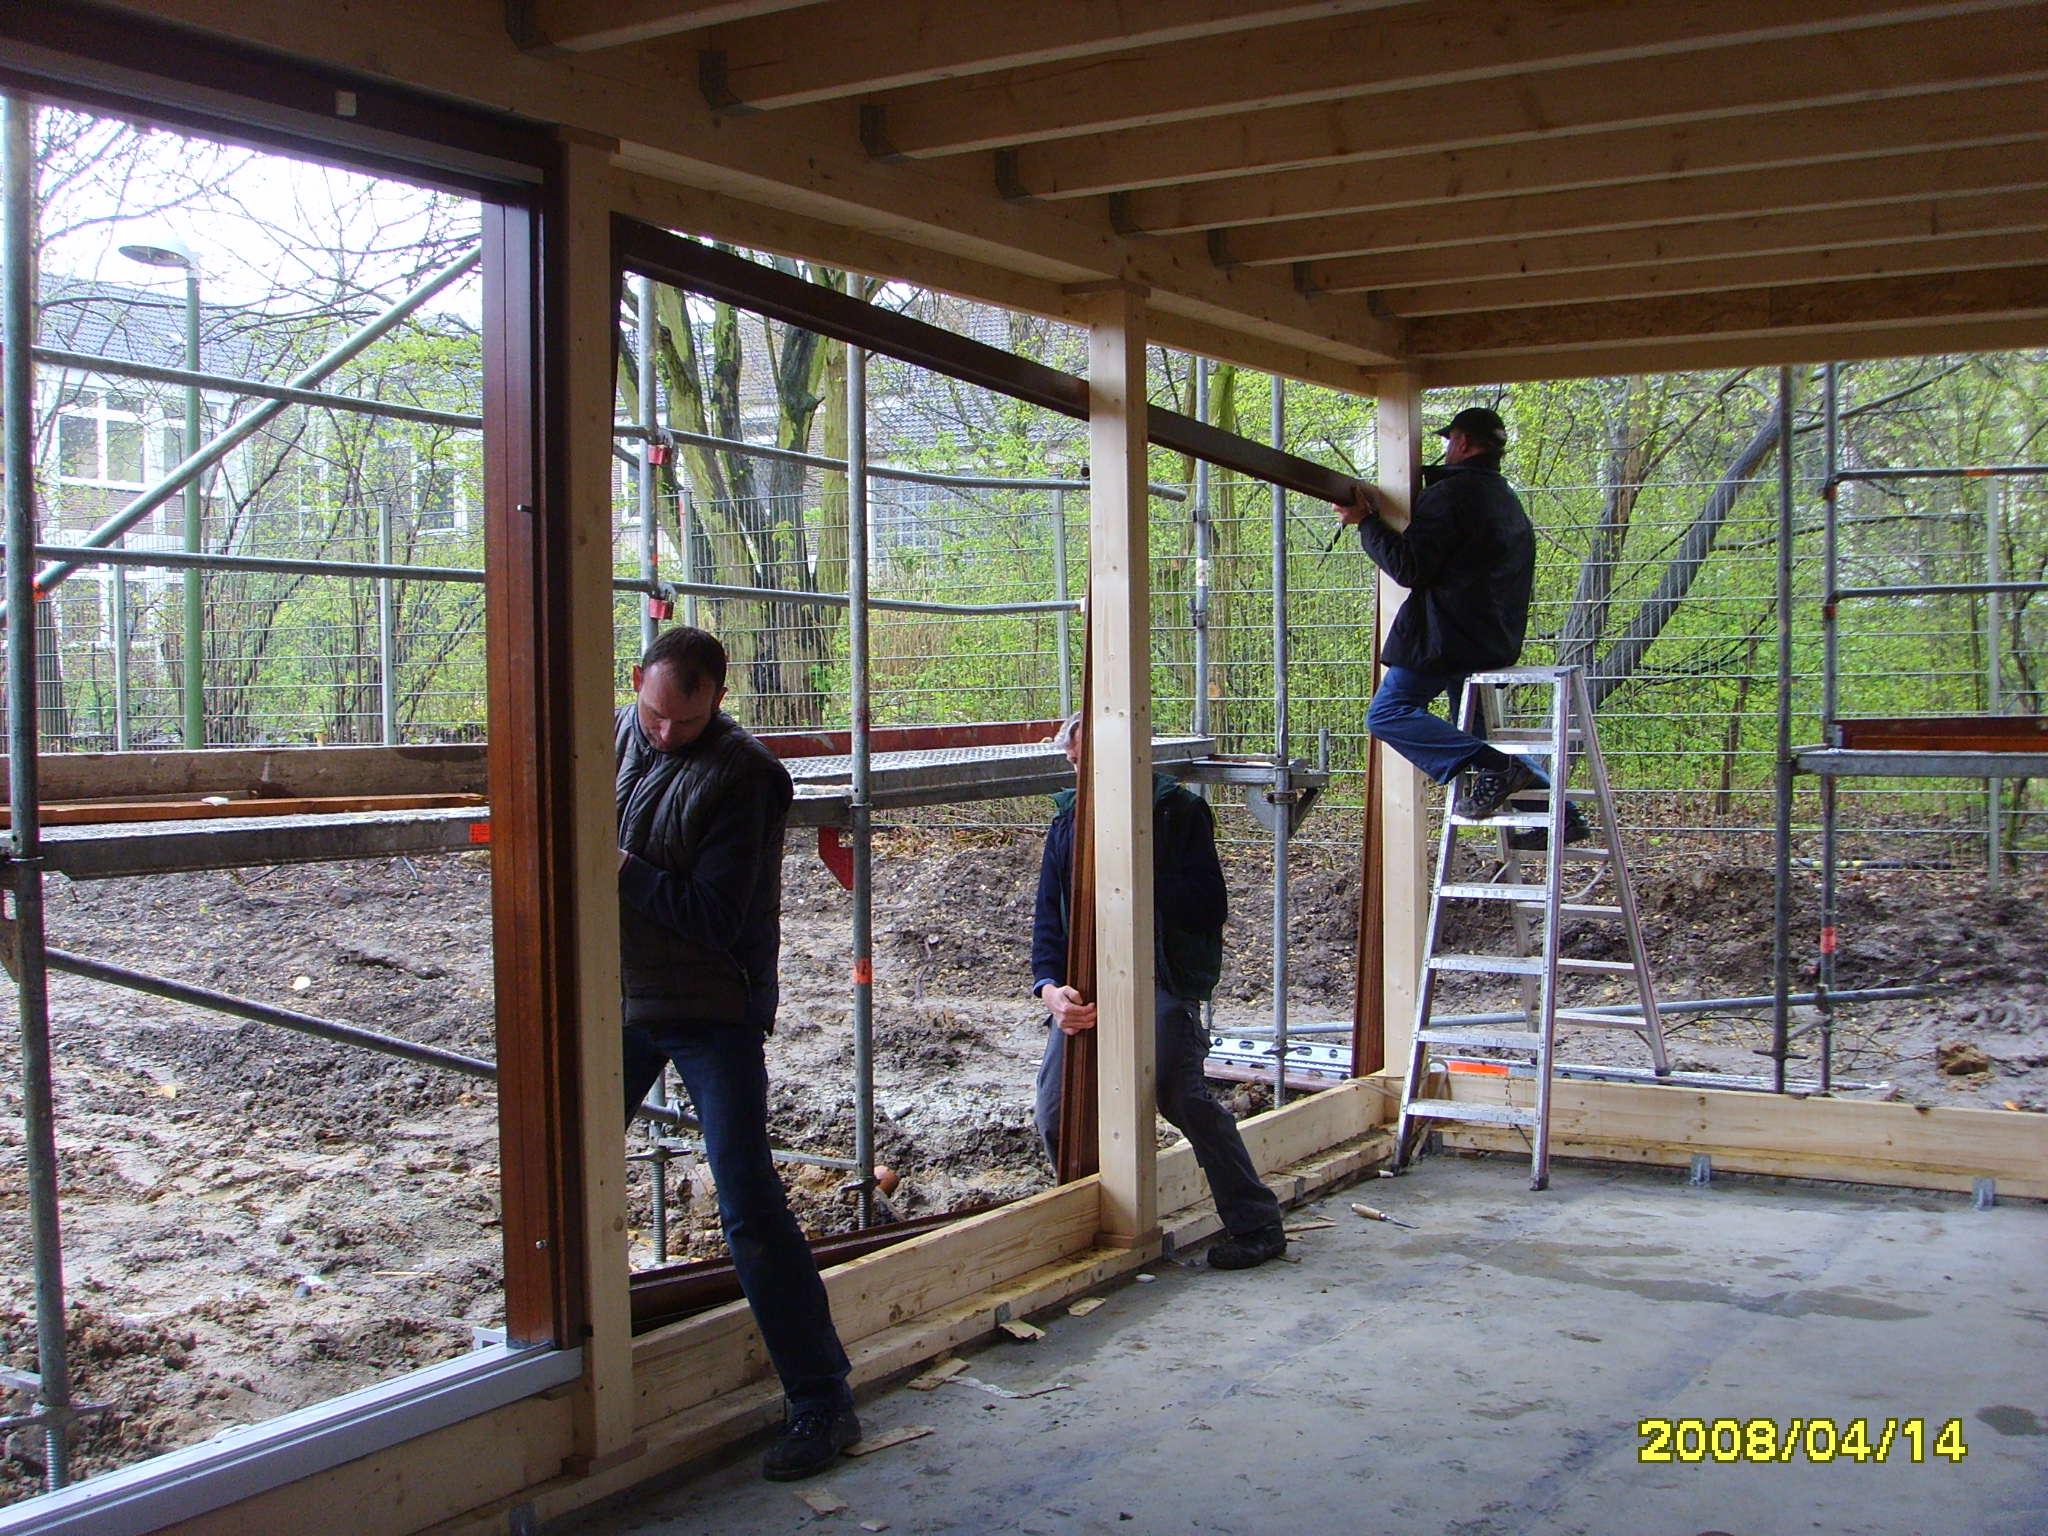 16 kw die fenster holzhaus fertighaus holzbau anbau umbau passivhaus niedrigenergiehaus - Fenster aus polen mit einbau ...